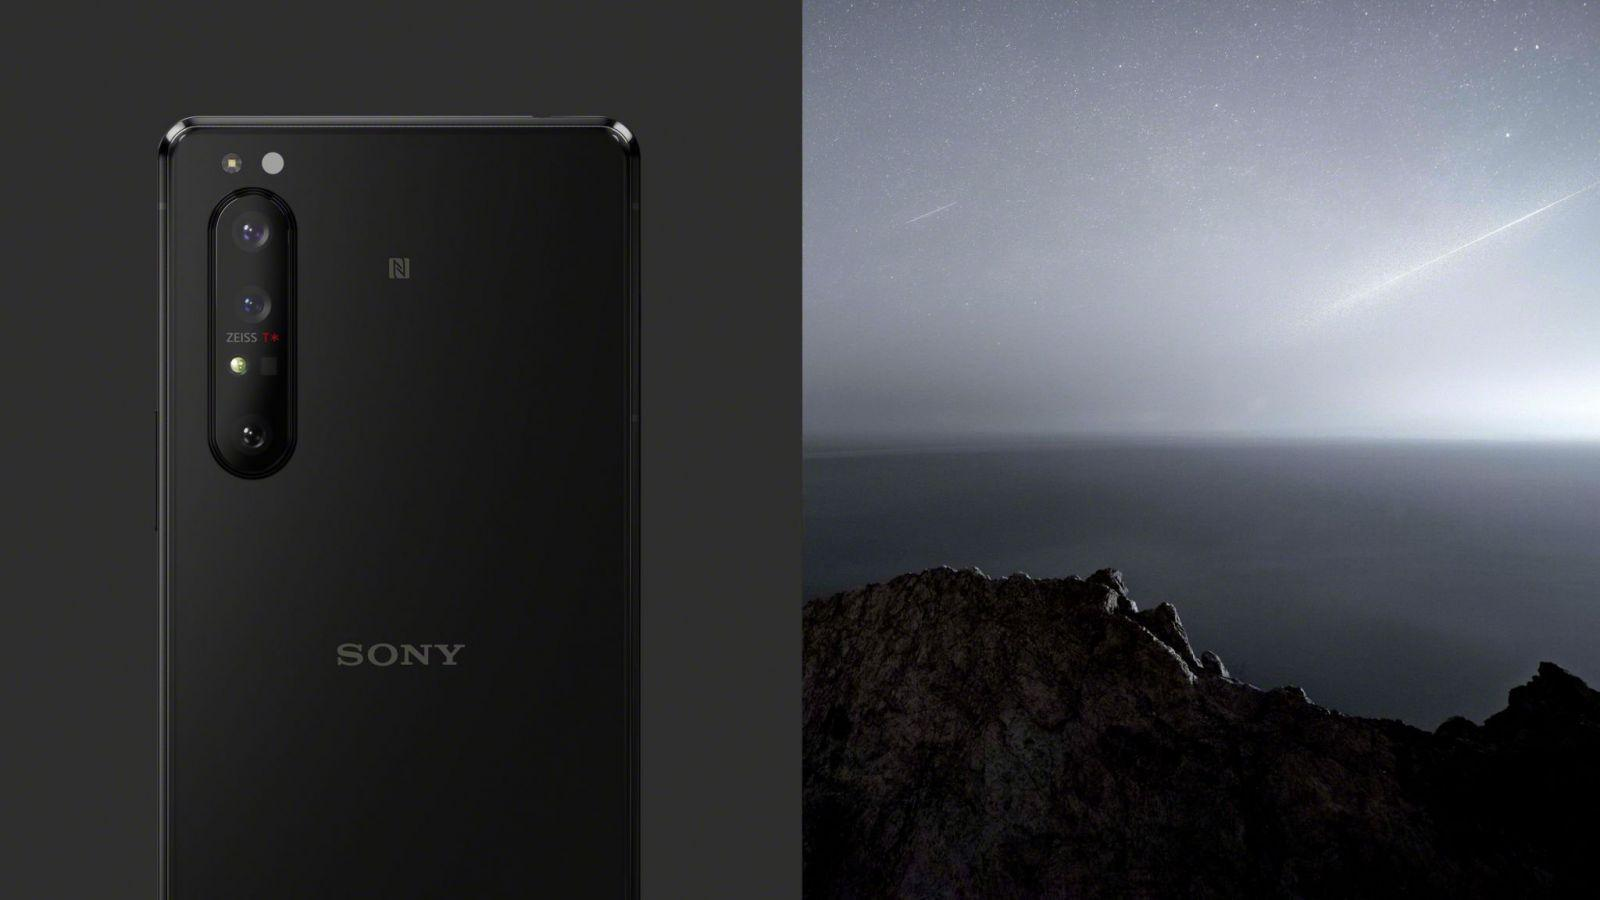 Sony официально представила флагманский 5G-смартфон Xperia 1 II (203 color mood b large scaled)